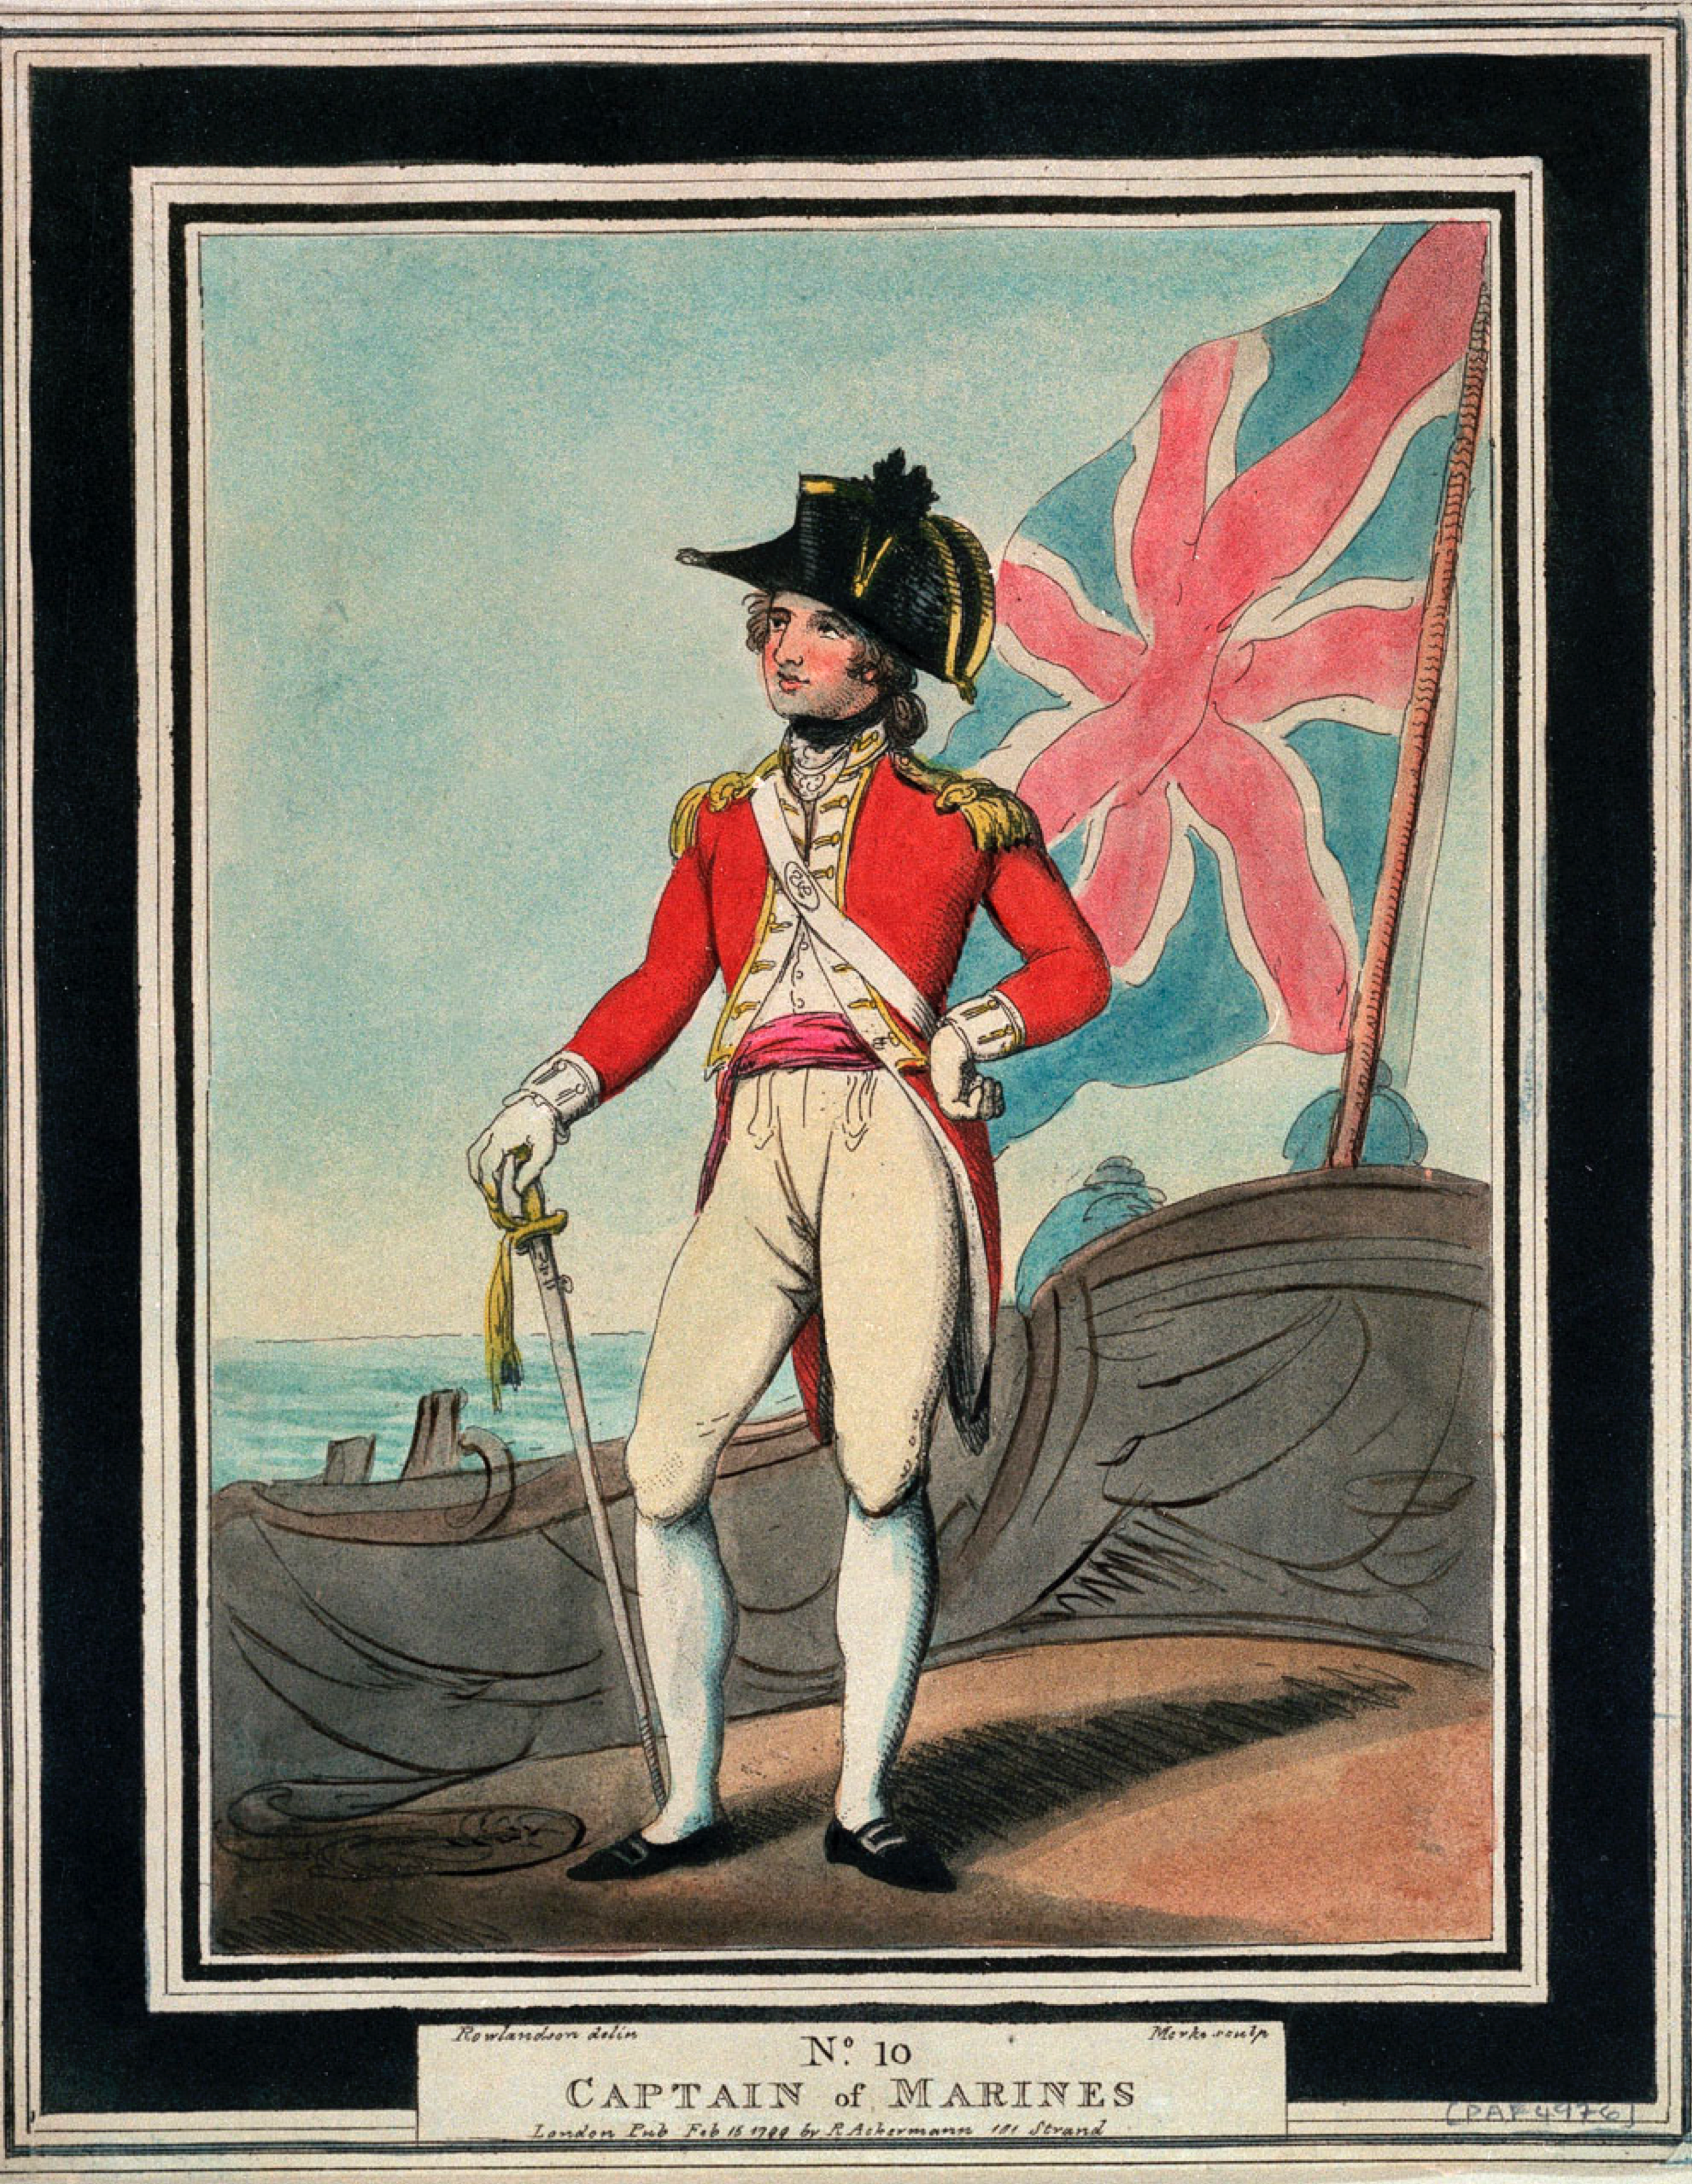 Royal Marines Captain (1799)